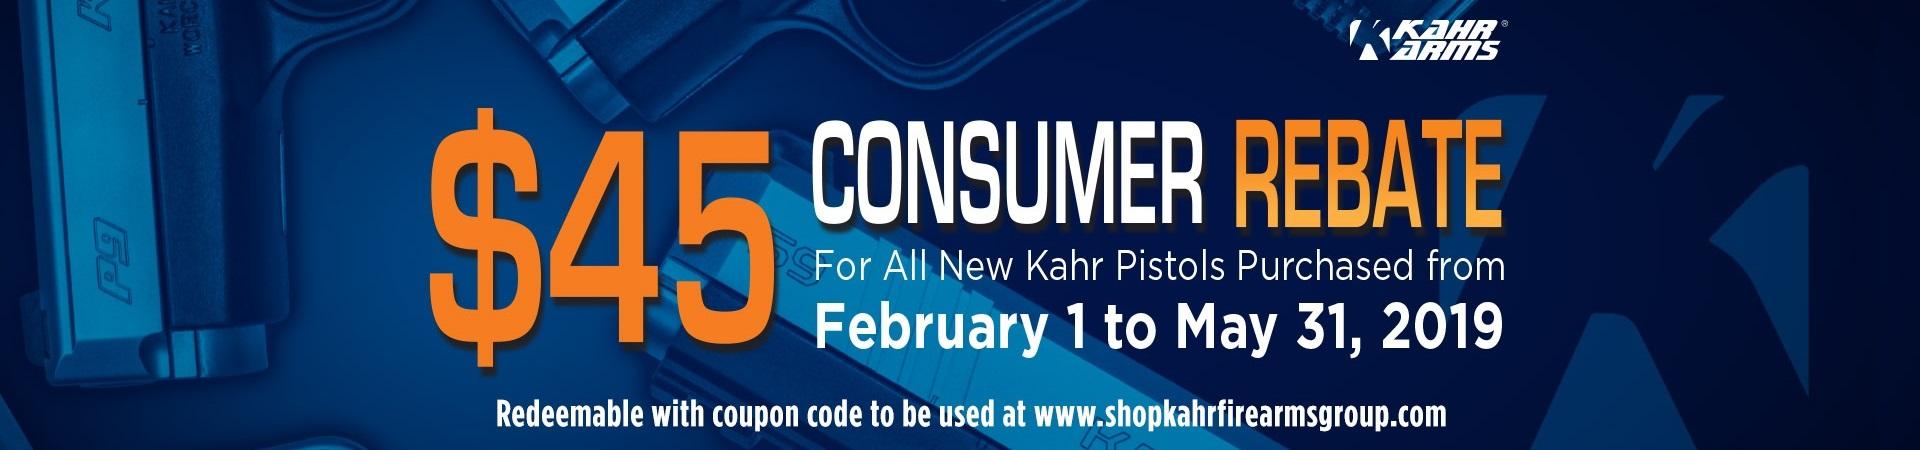 Kahr $45 Consumer 2019 Rebate